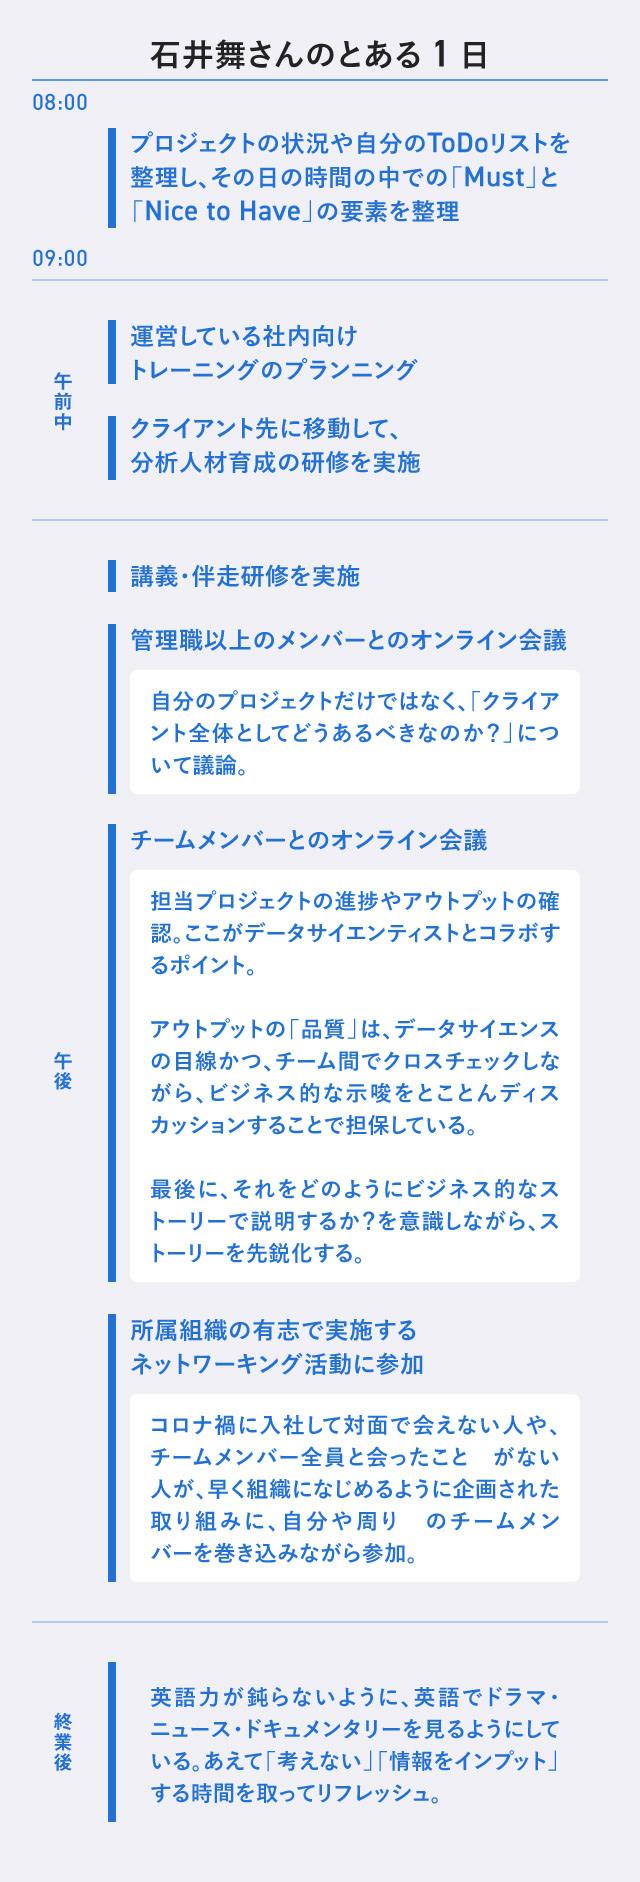 アクセンチュア 石井舞さんスケジュール